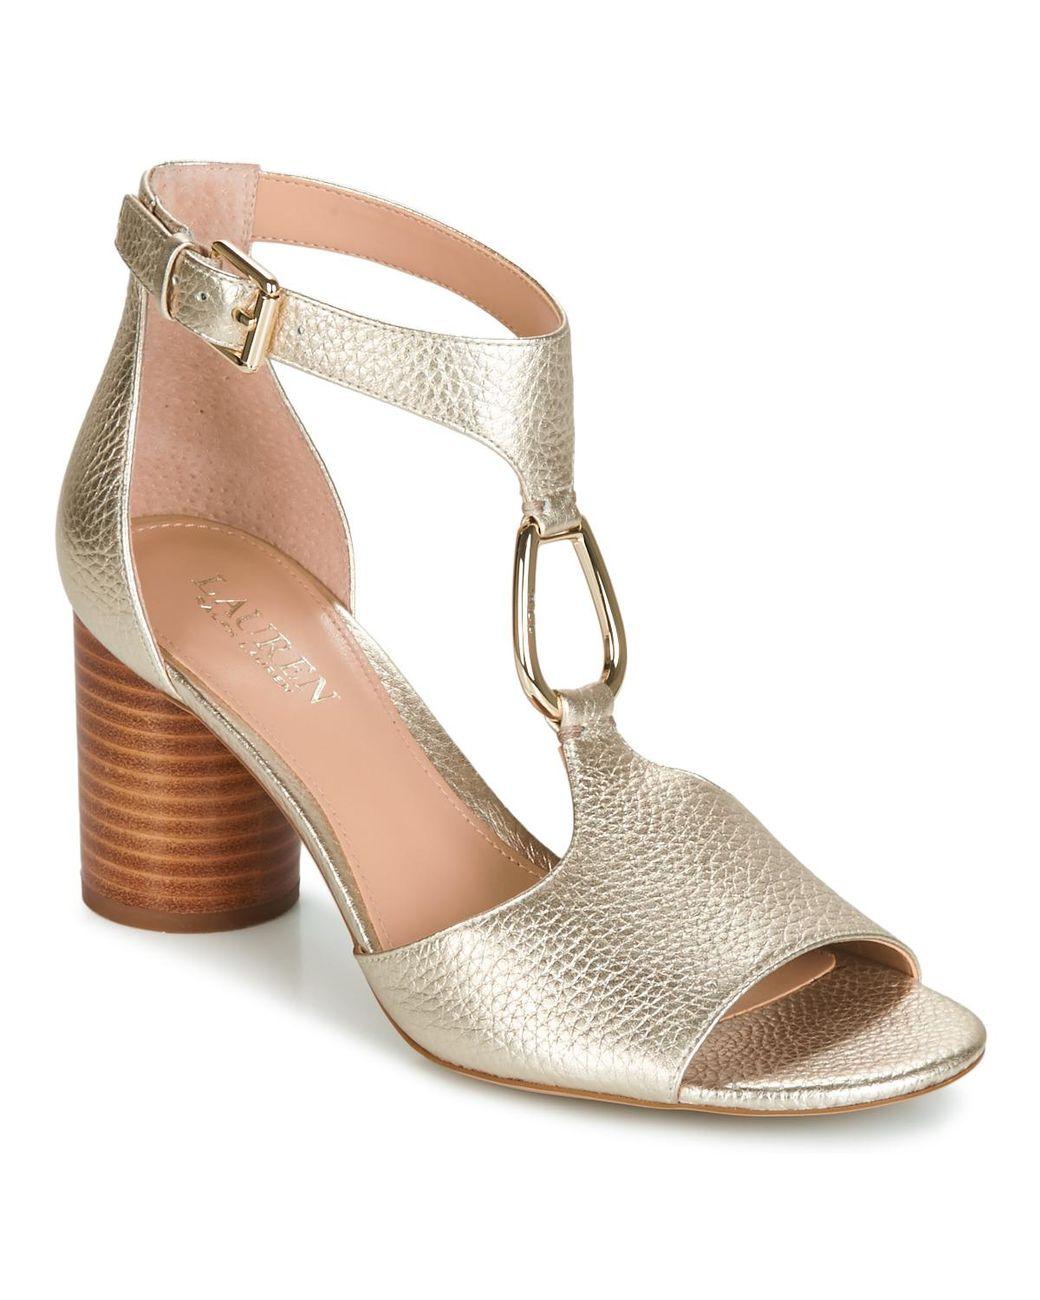 8efc9c4bb27 Lauren by Ralph Lauren Elesia Sandals in Metallic - Lyst